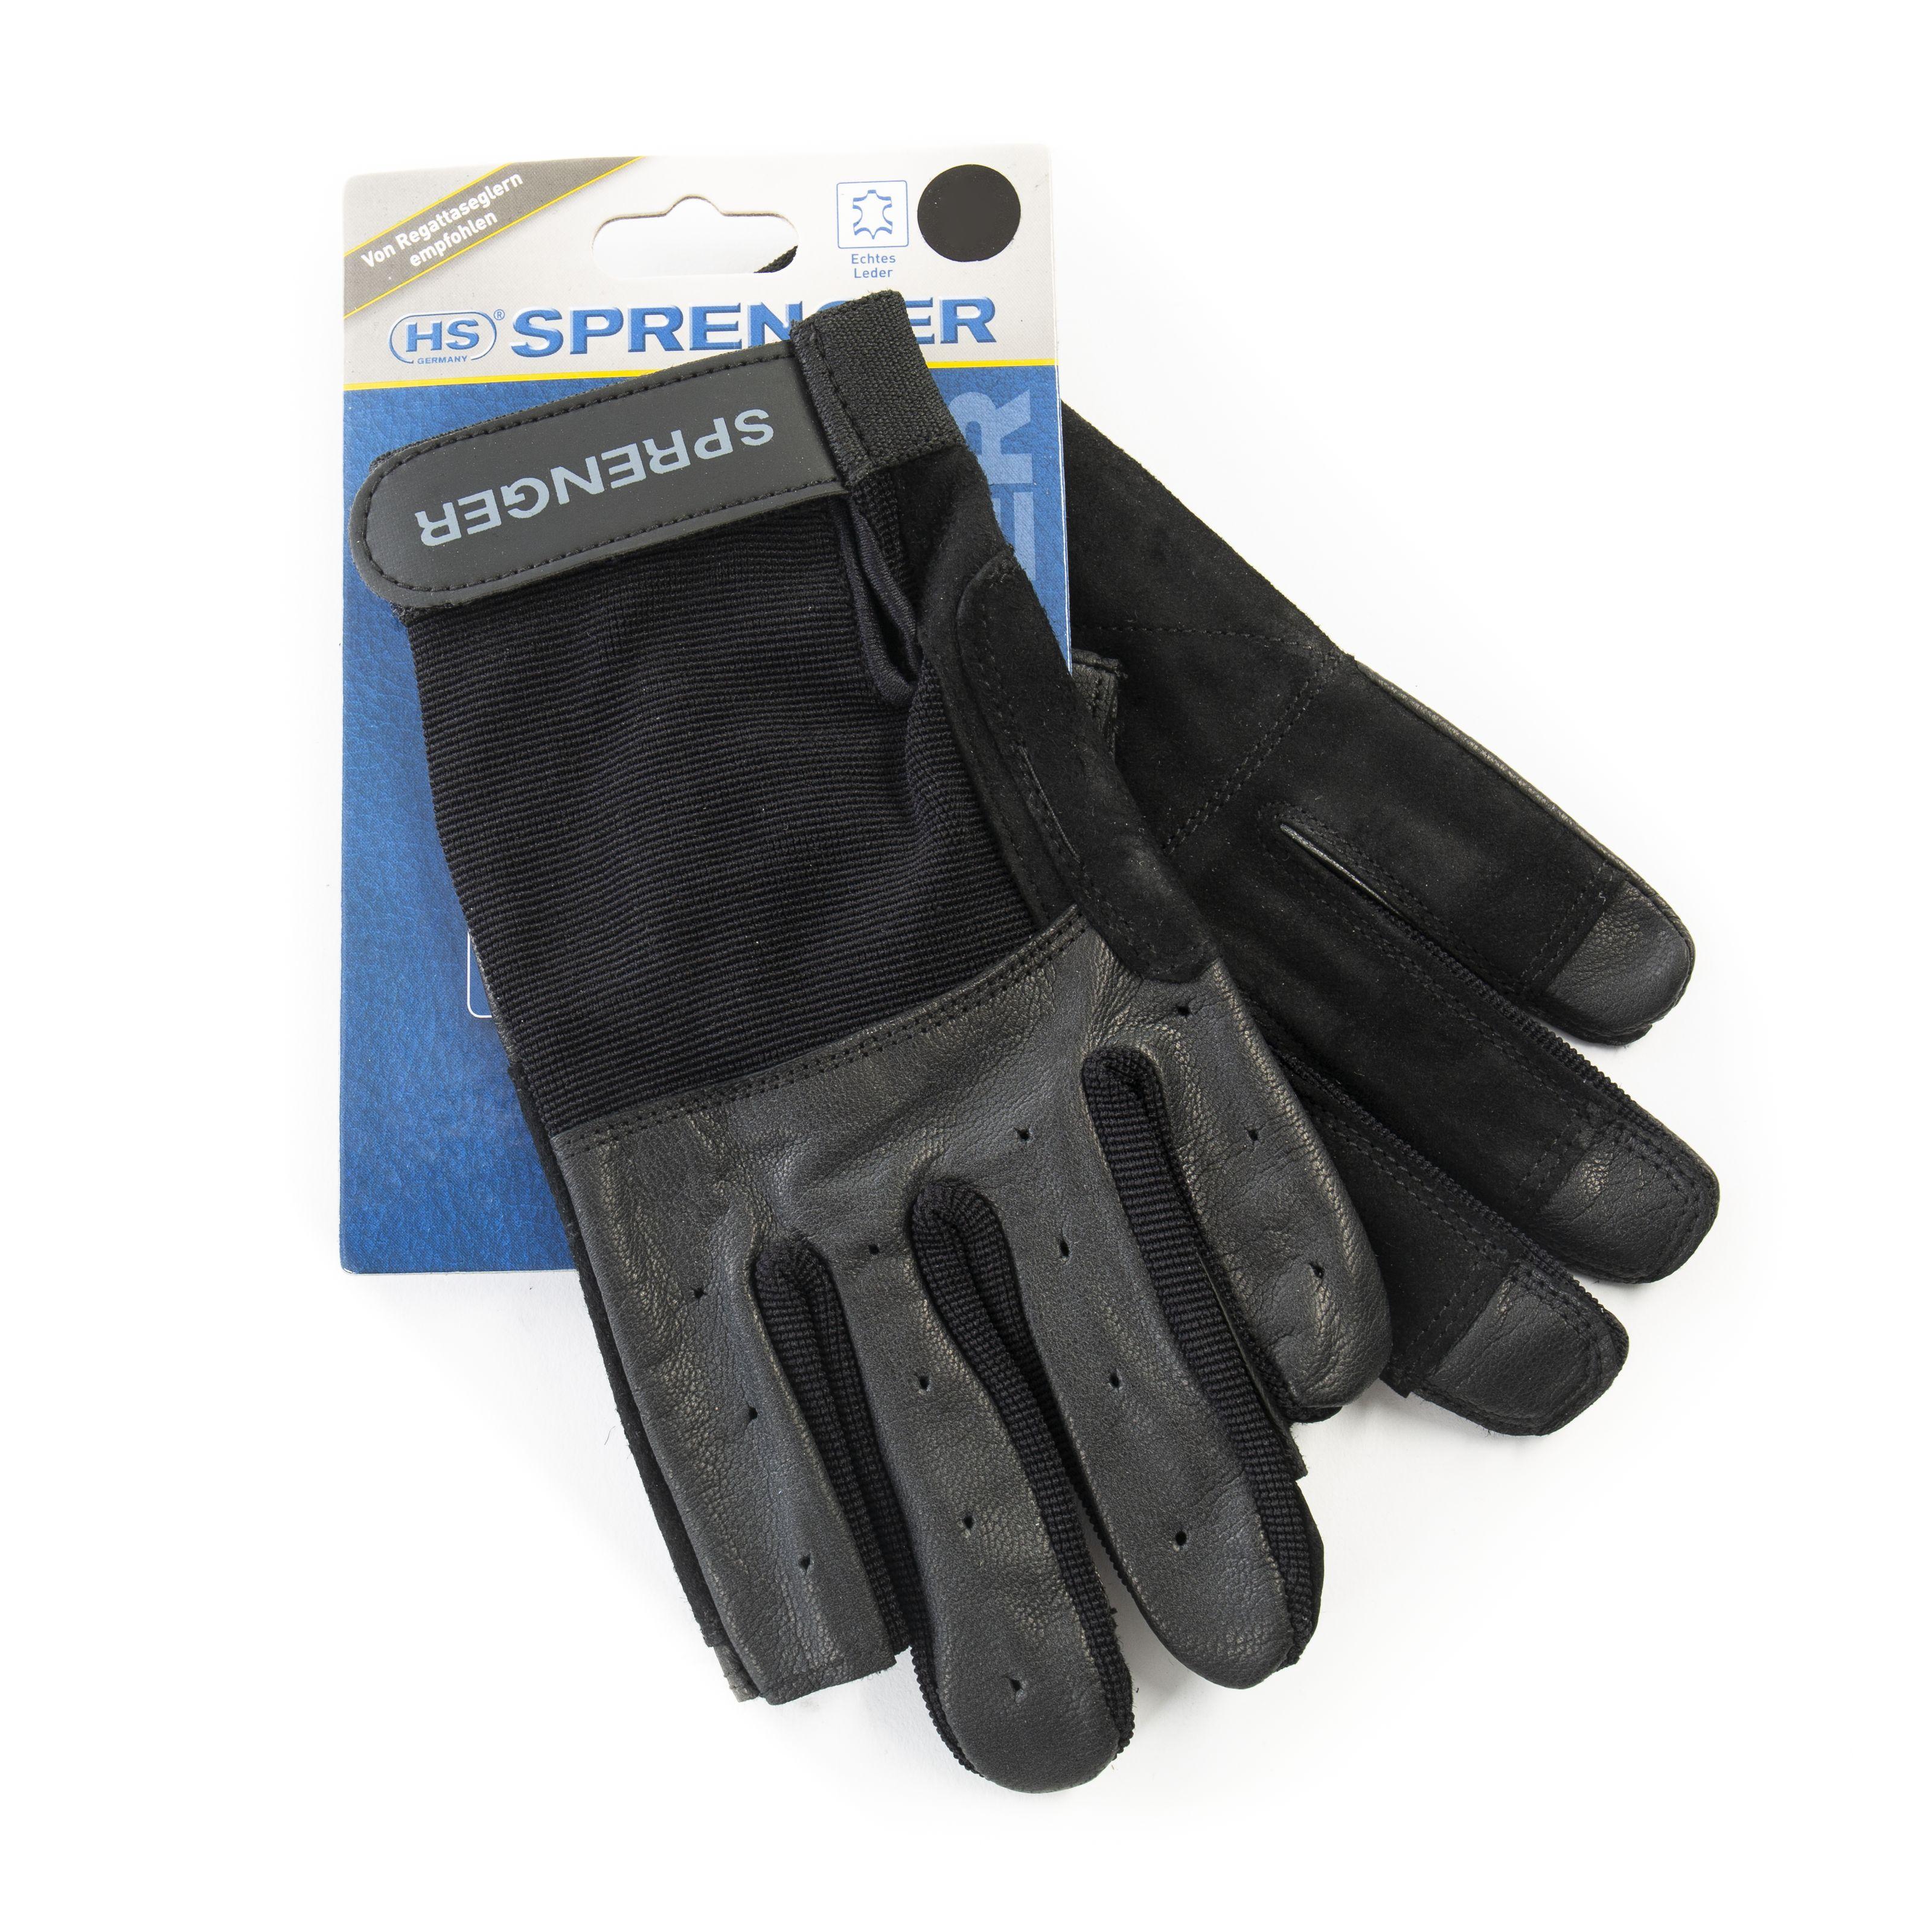 Sprenger - Rigging-Handschuhe M Black 531-0799-1009